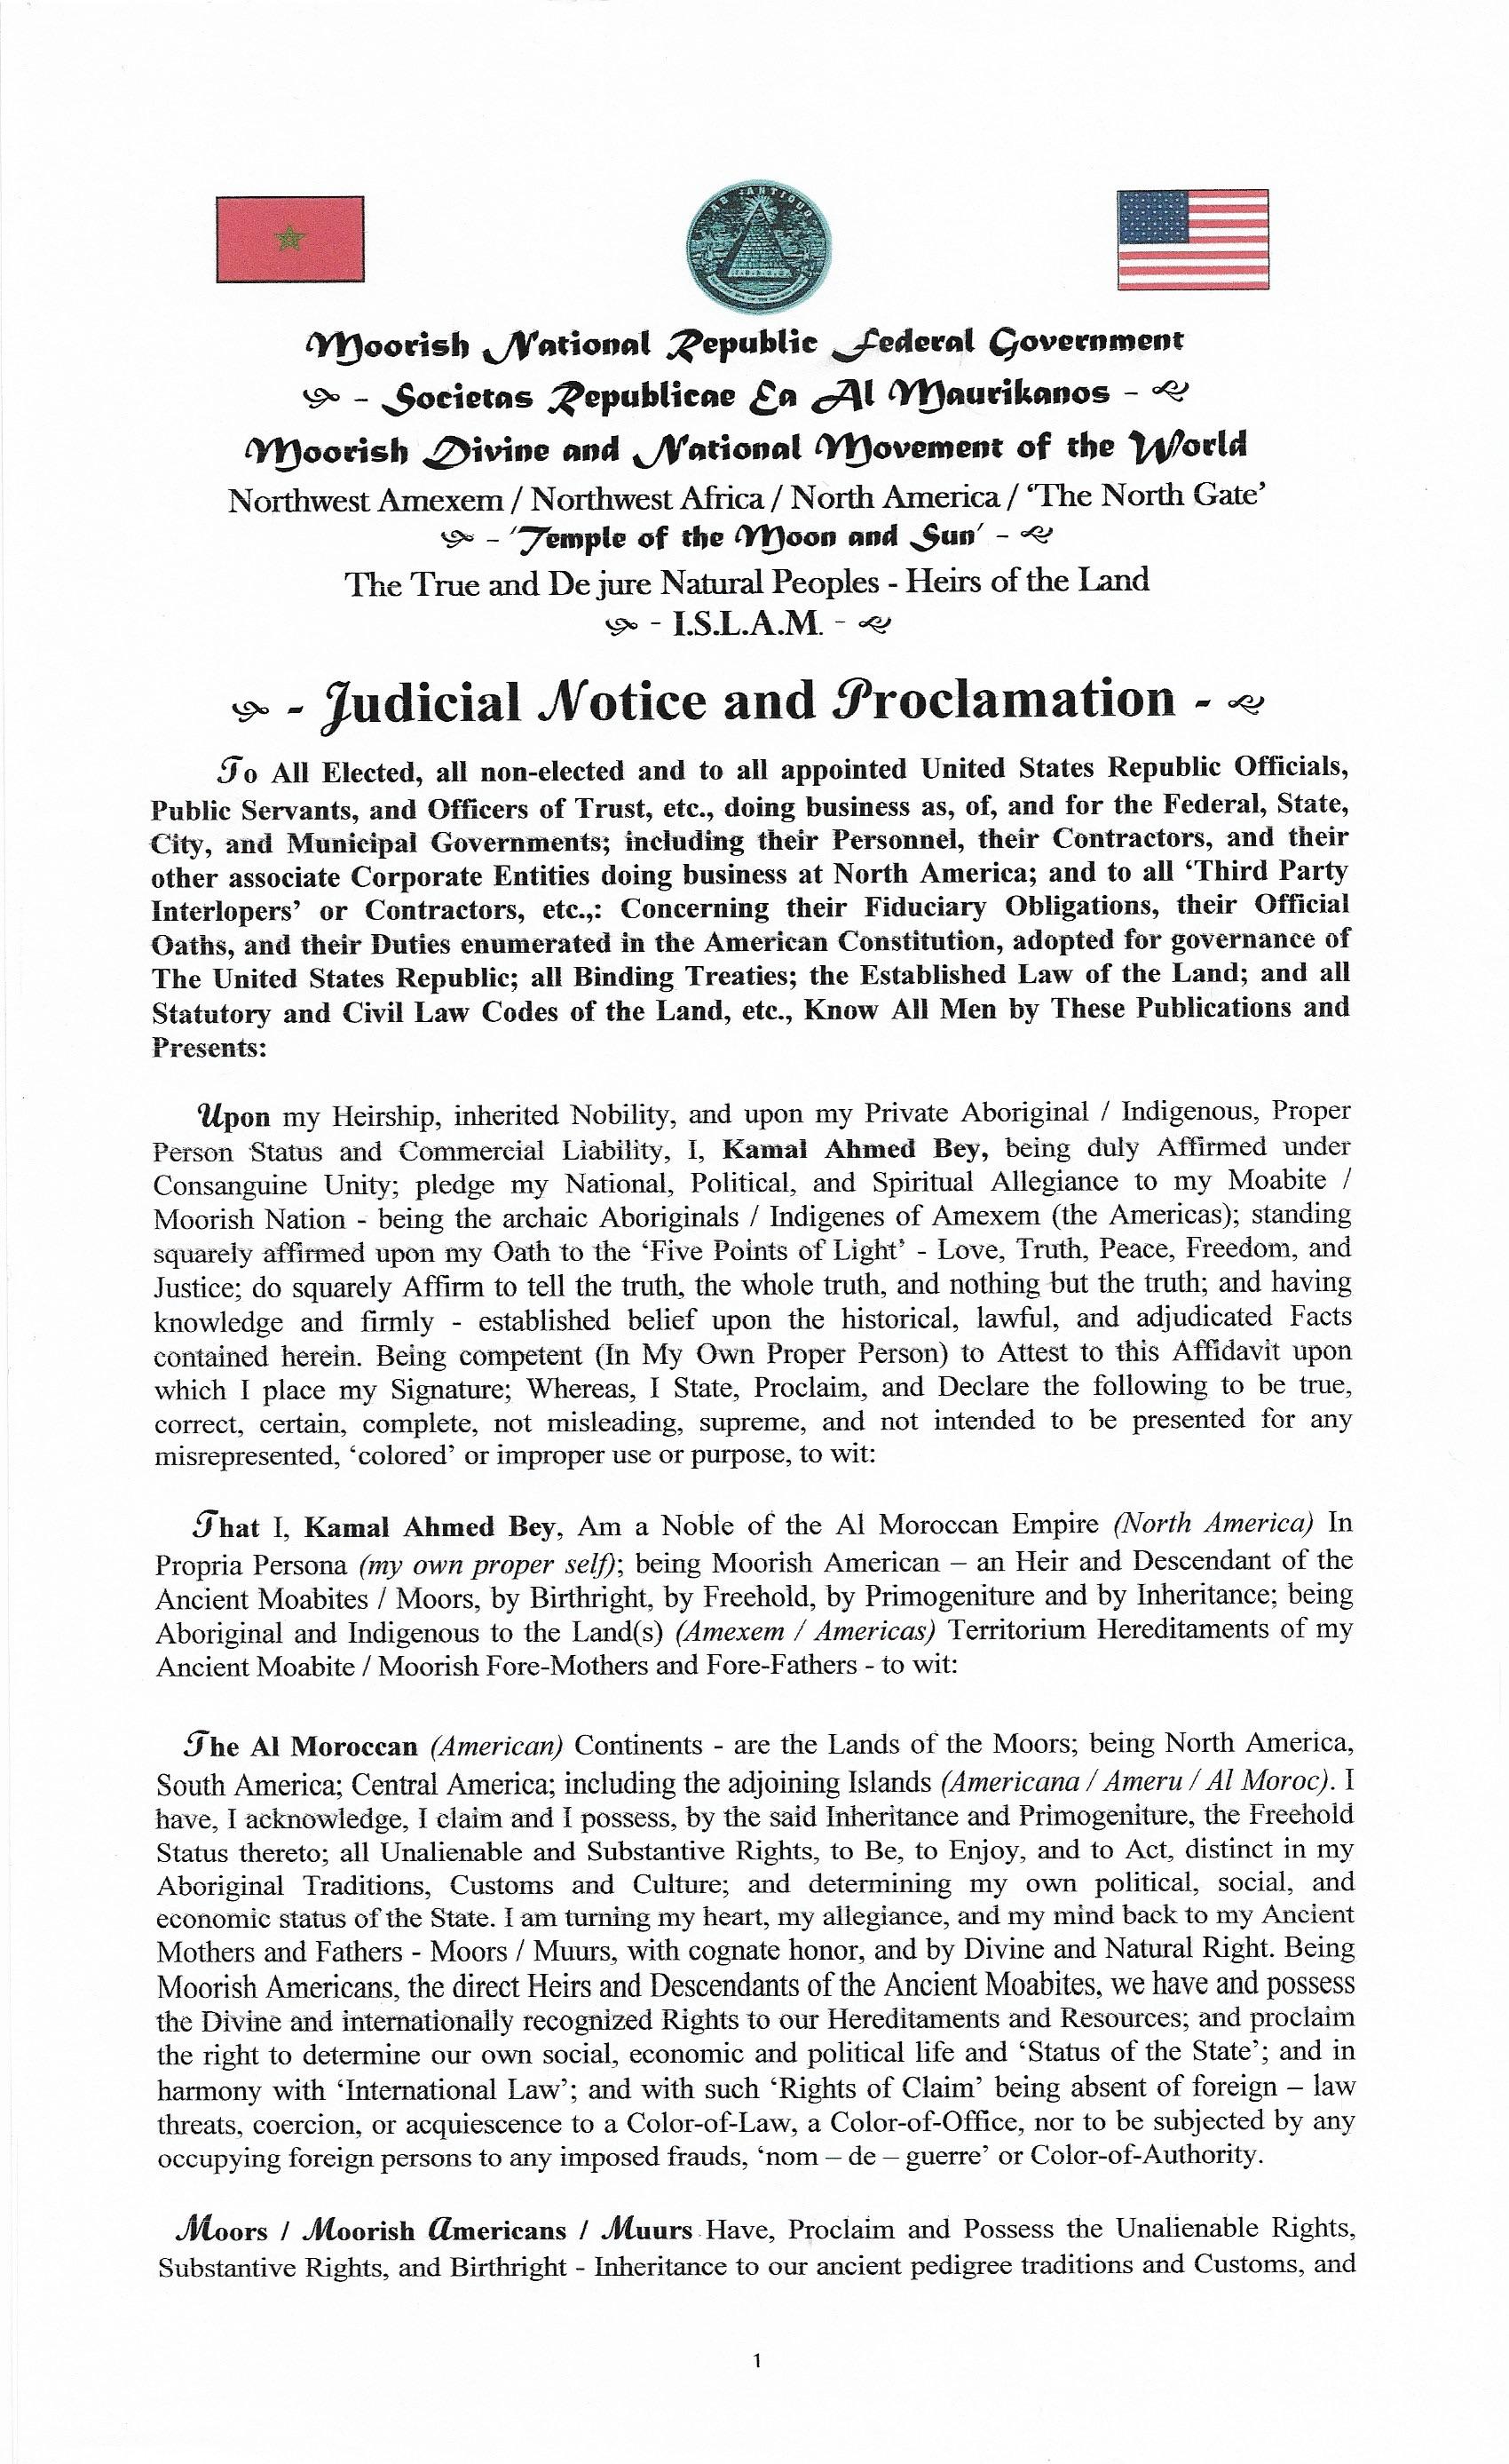 Public Notices & Filings of Consular Court